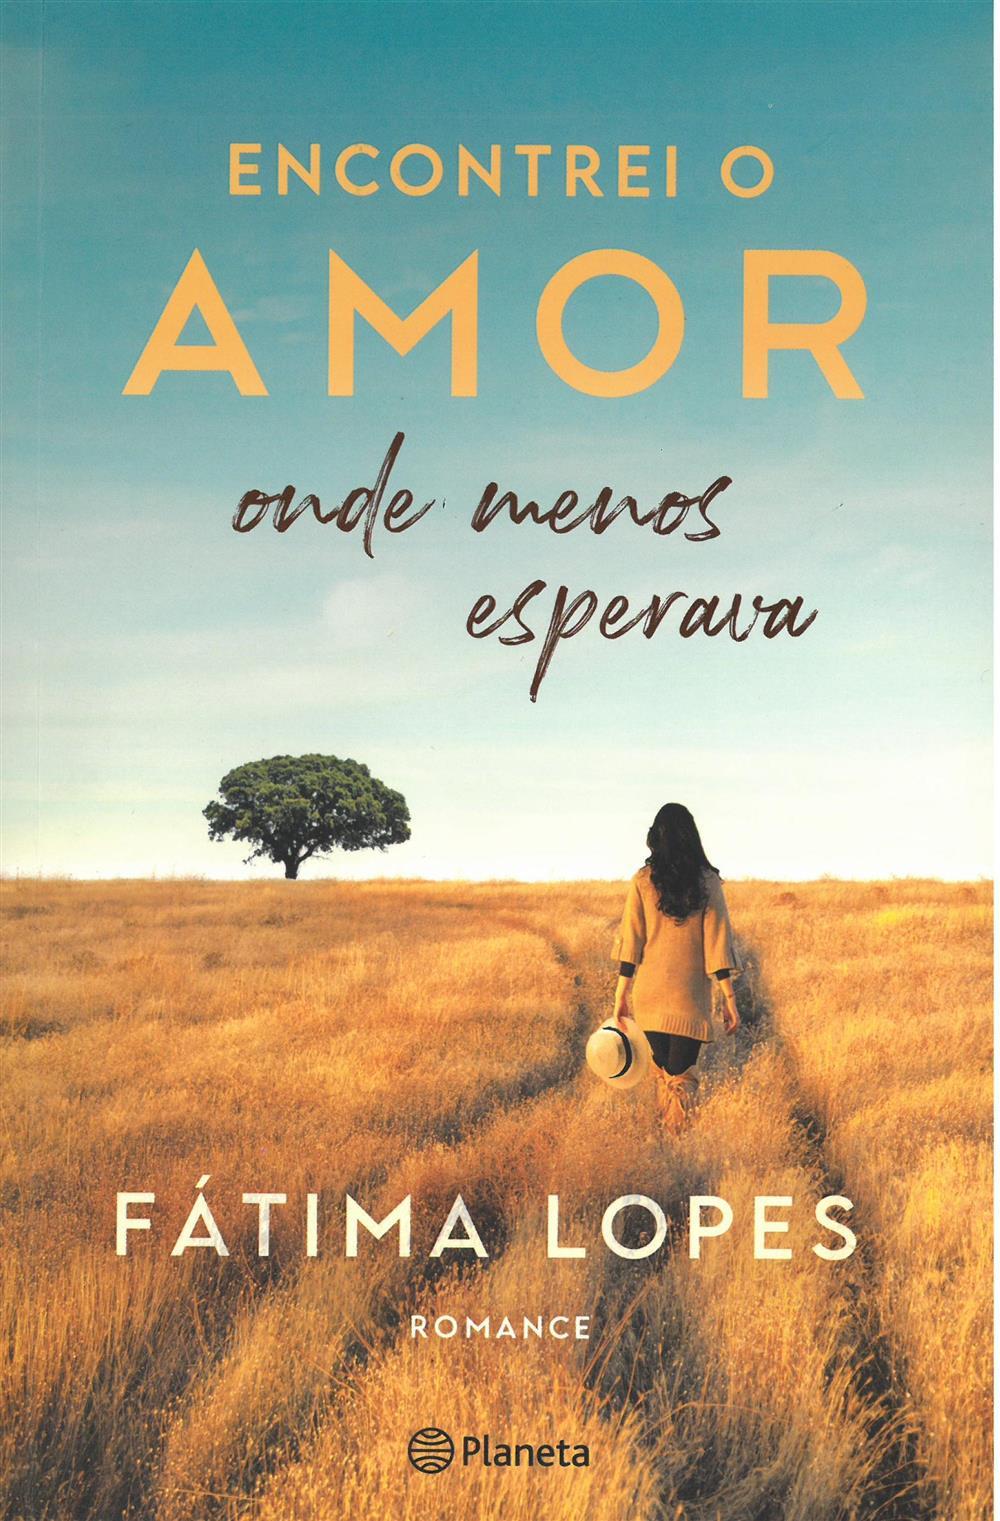 LOPES, Fátima (2021). Encontrei o amor onde menos esperava.jpg